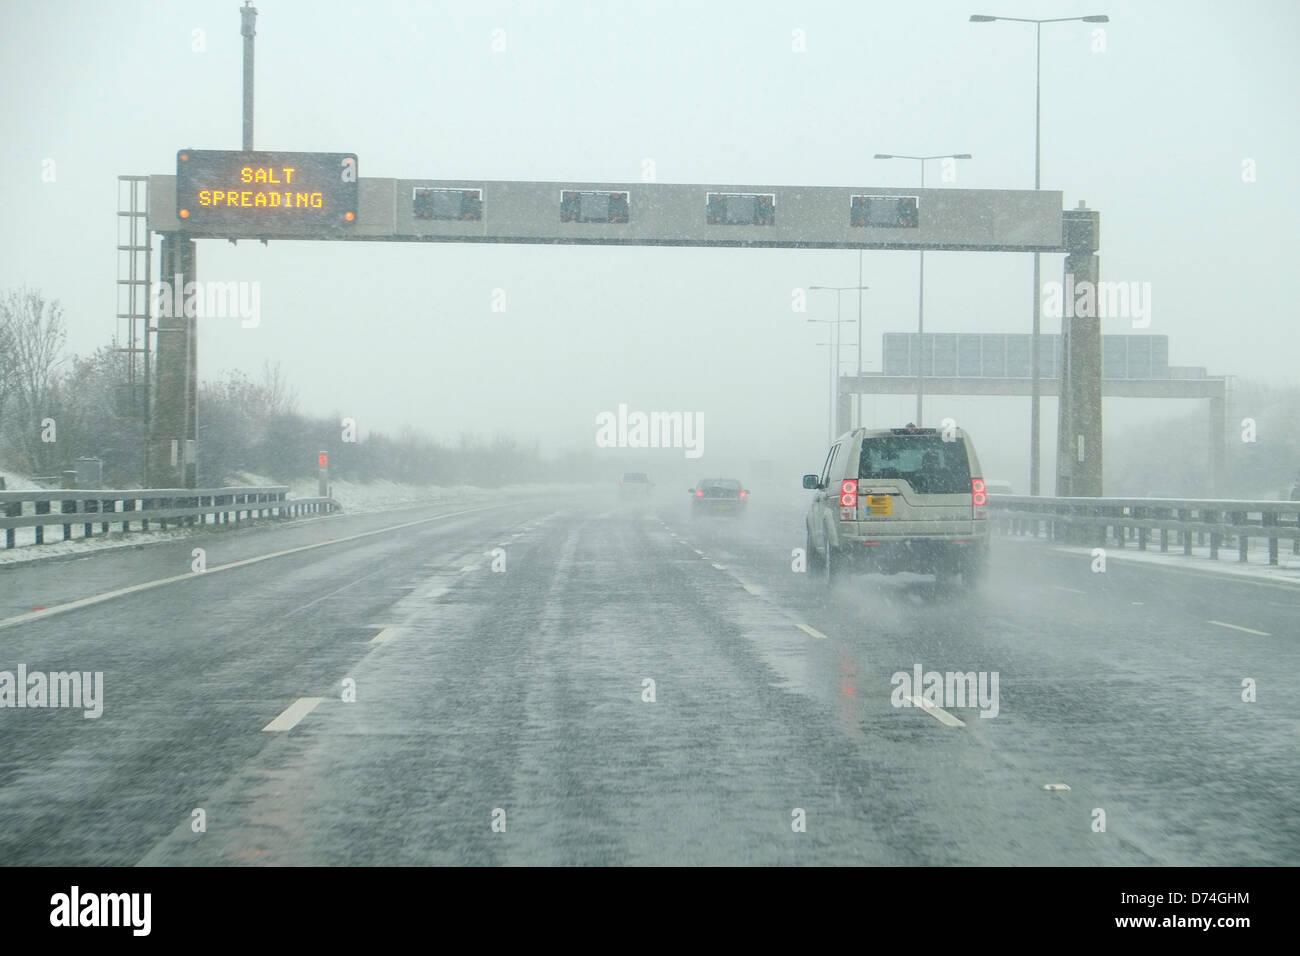 Fahren auf der Autobahn bei schlechten Wetterbedingungen, UK Stockbild